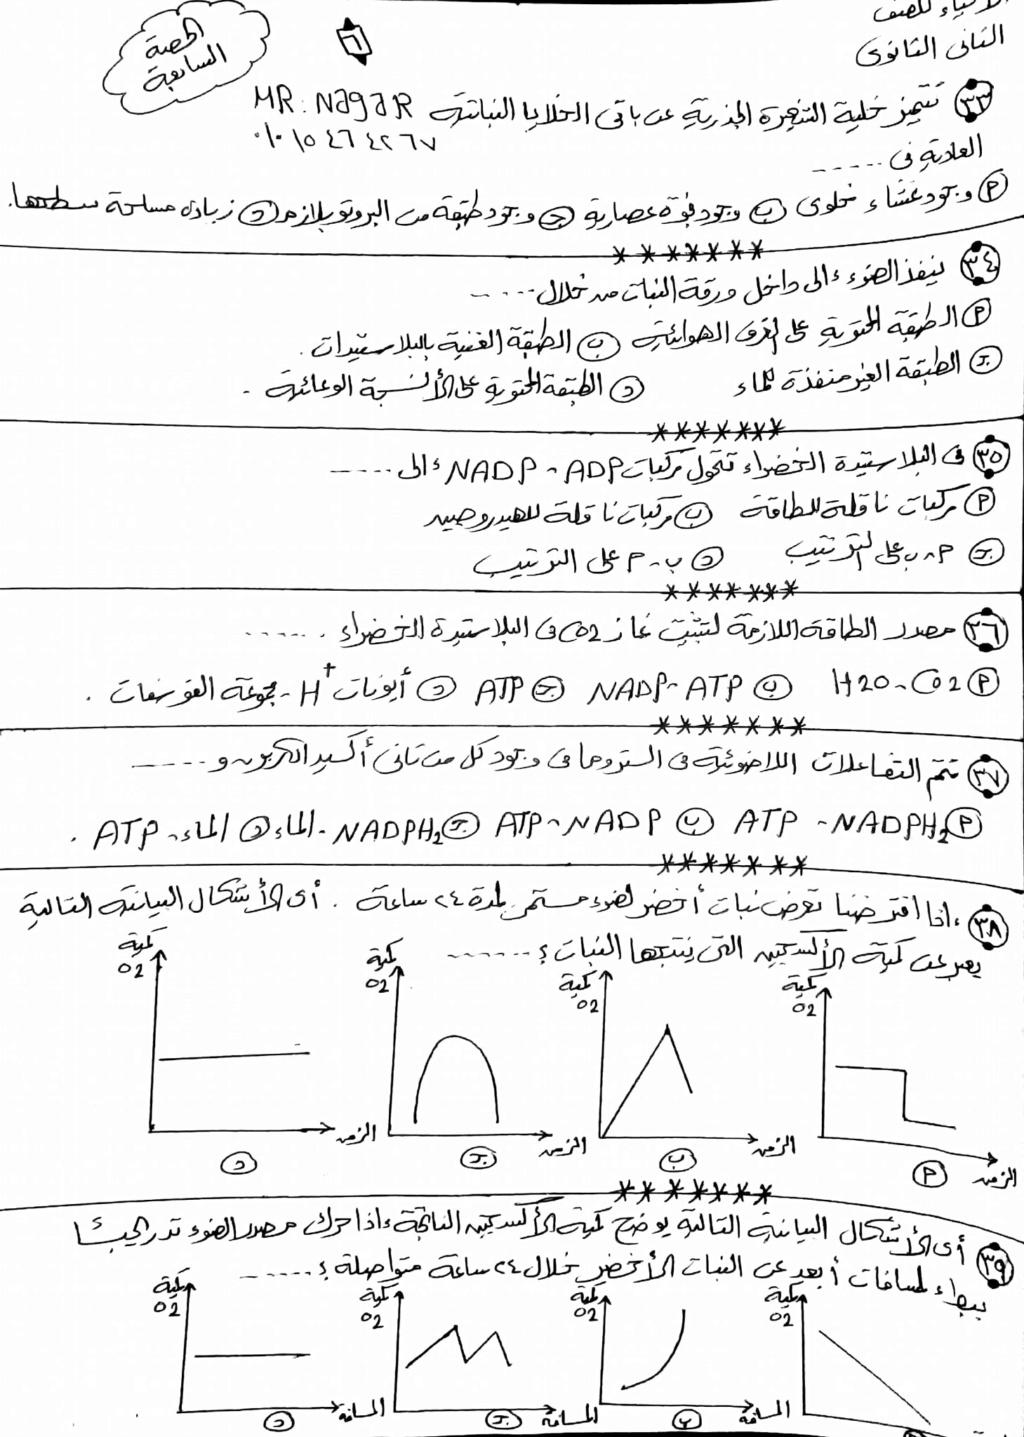 إمتحان شامل على الفصل الأول - احياء 2 ثانوي نظام جديد بالحل 6842